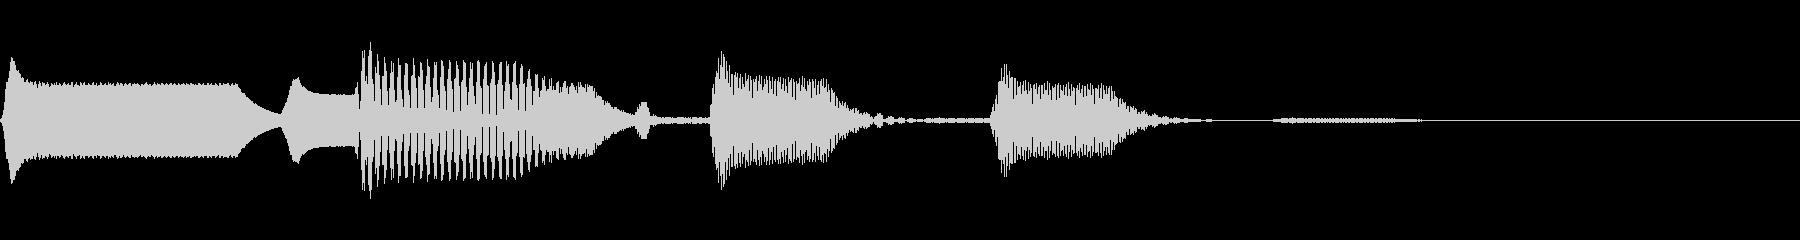 ビープ音色5の未再生の波形